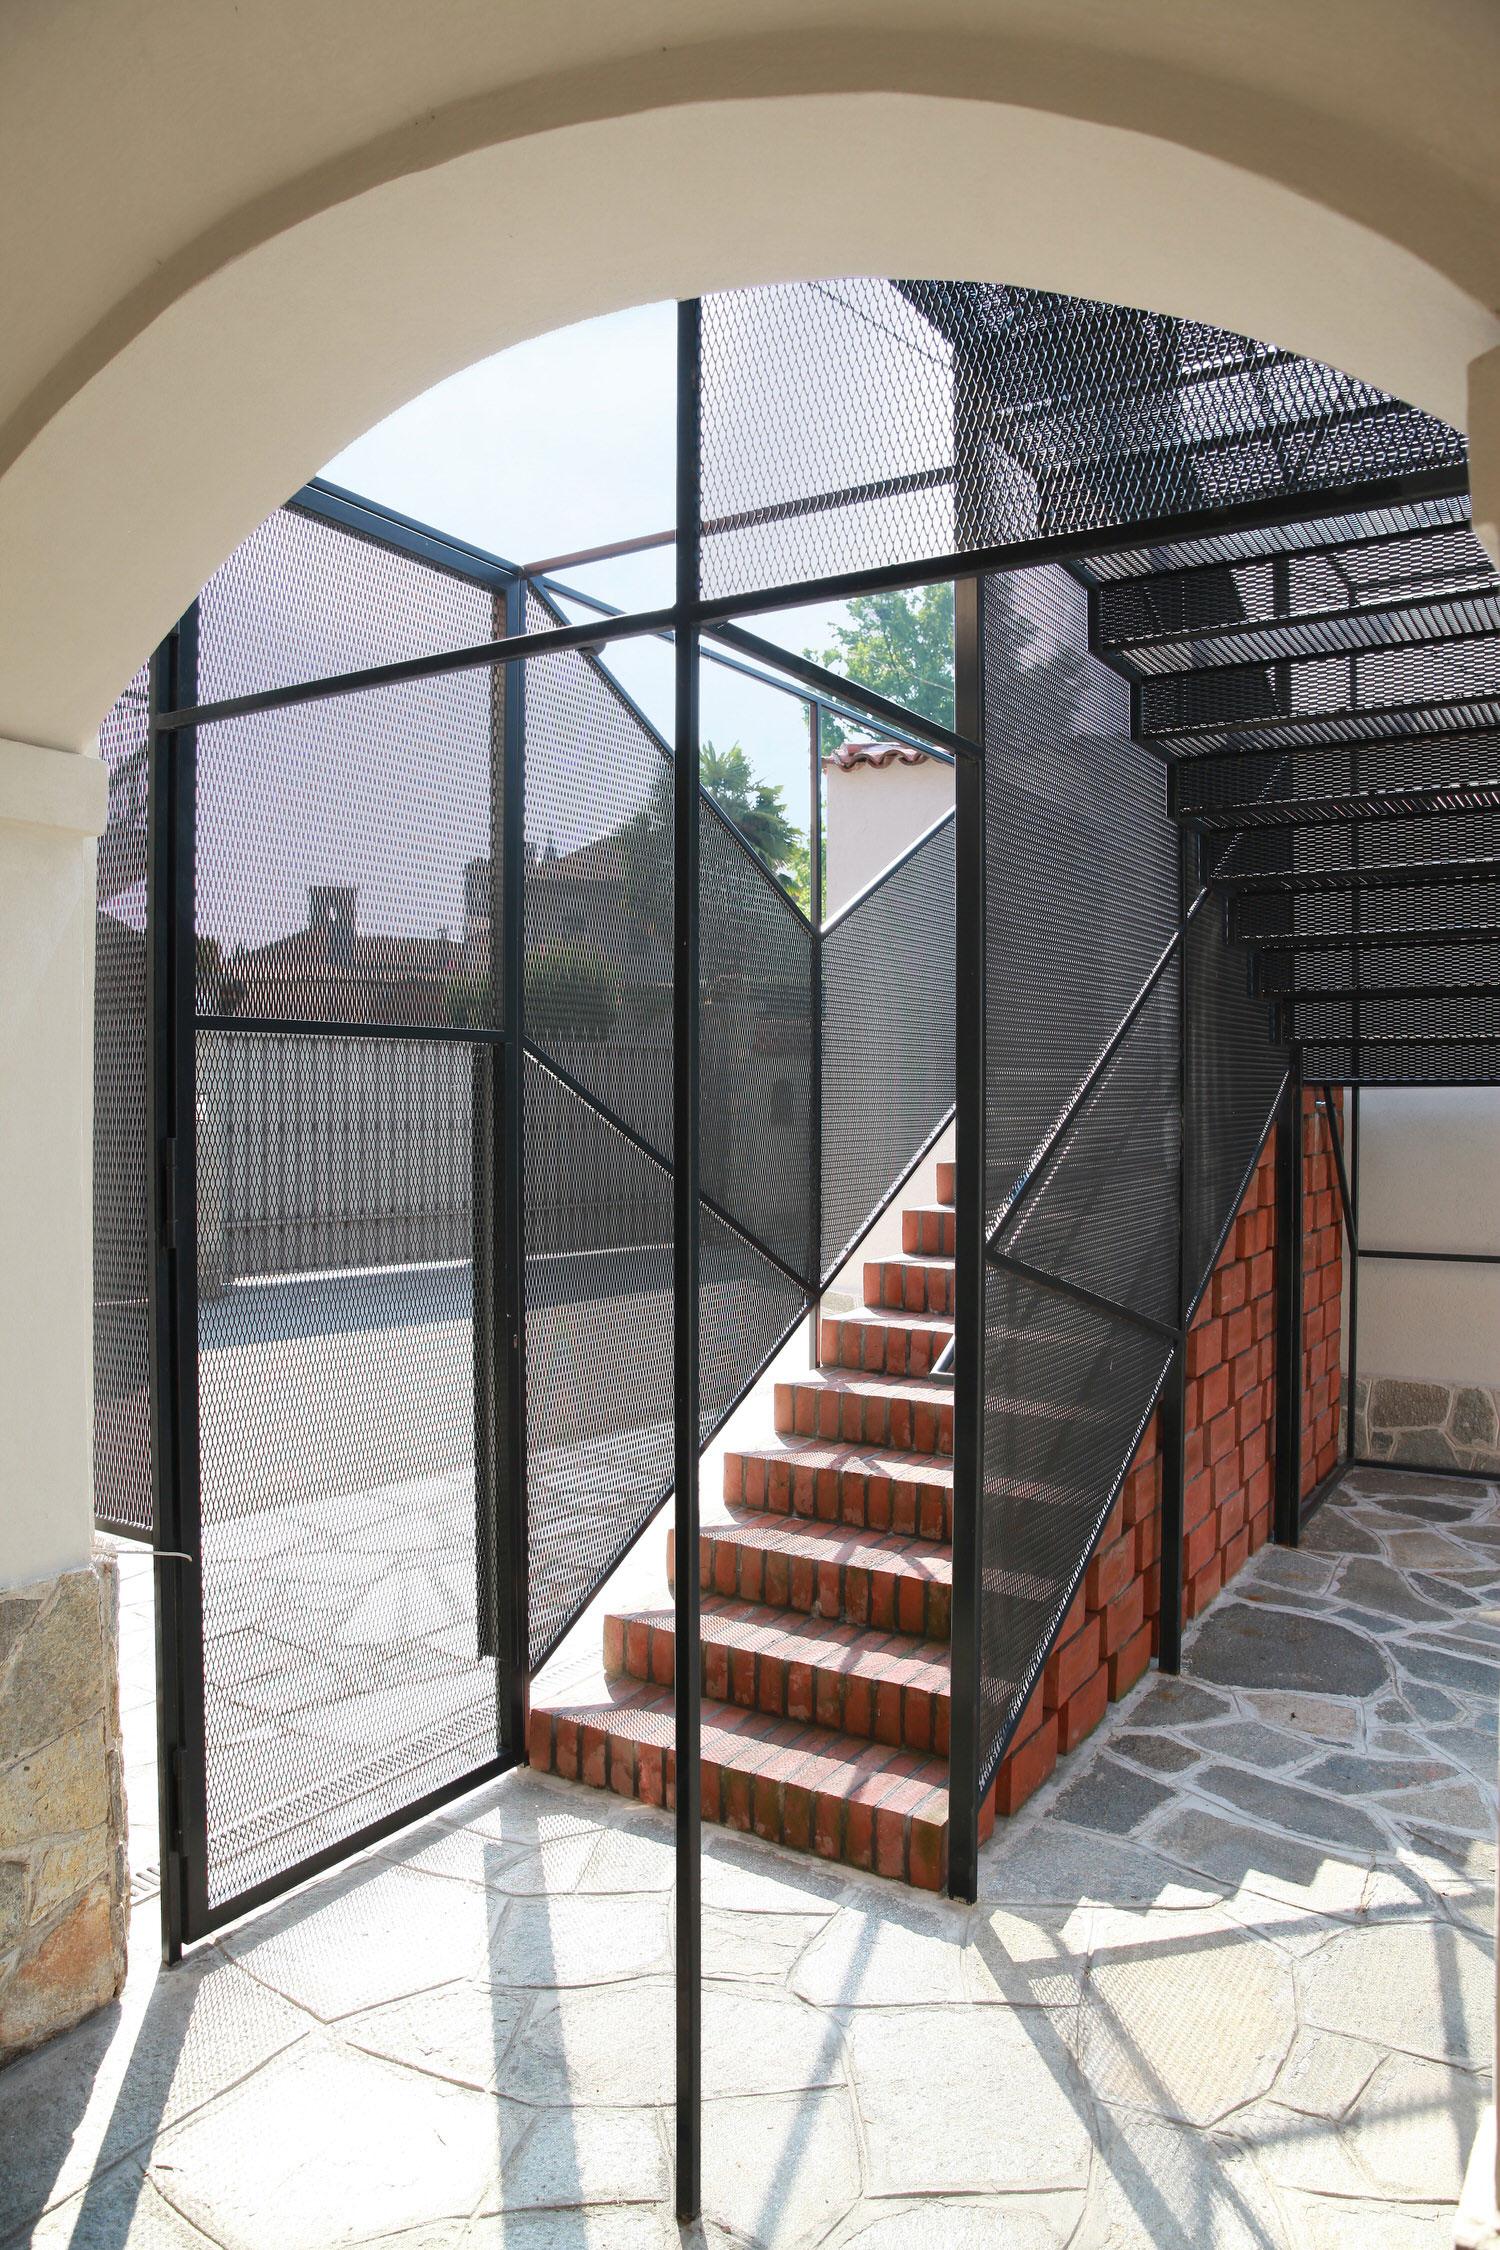 Marcante Testa Private House Renovation Cavallermaggiore Photo Carola Ripamonti Yellowtrace 03